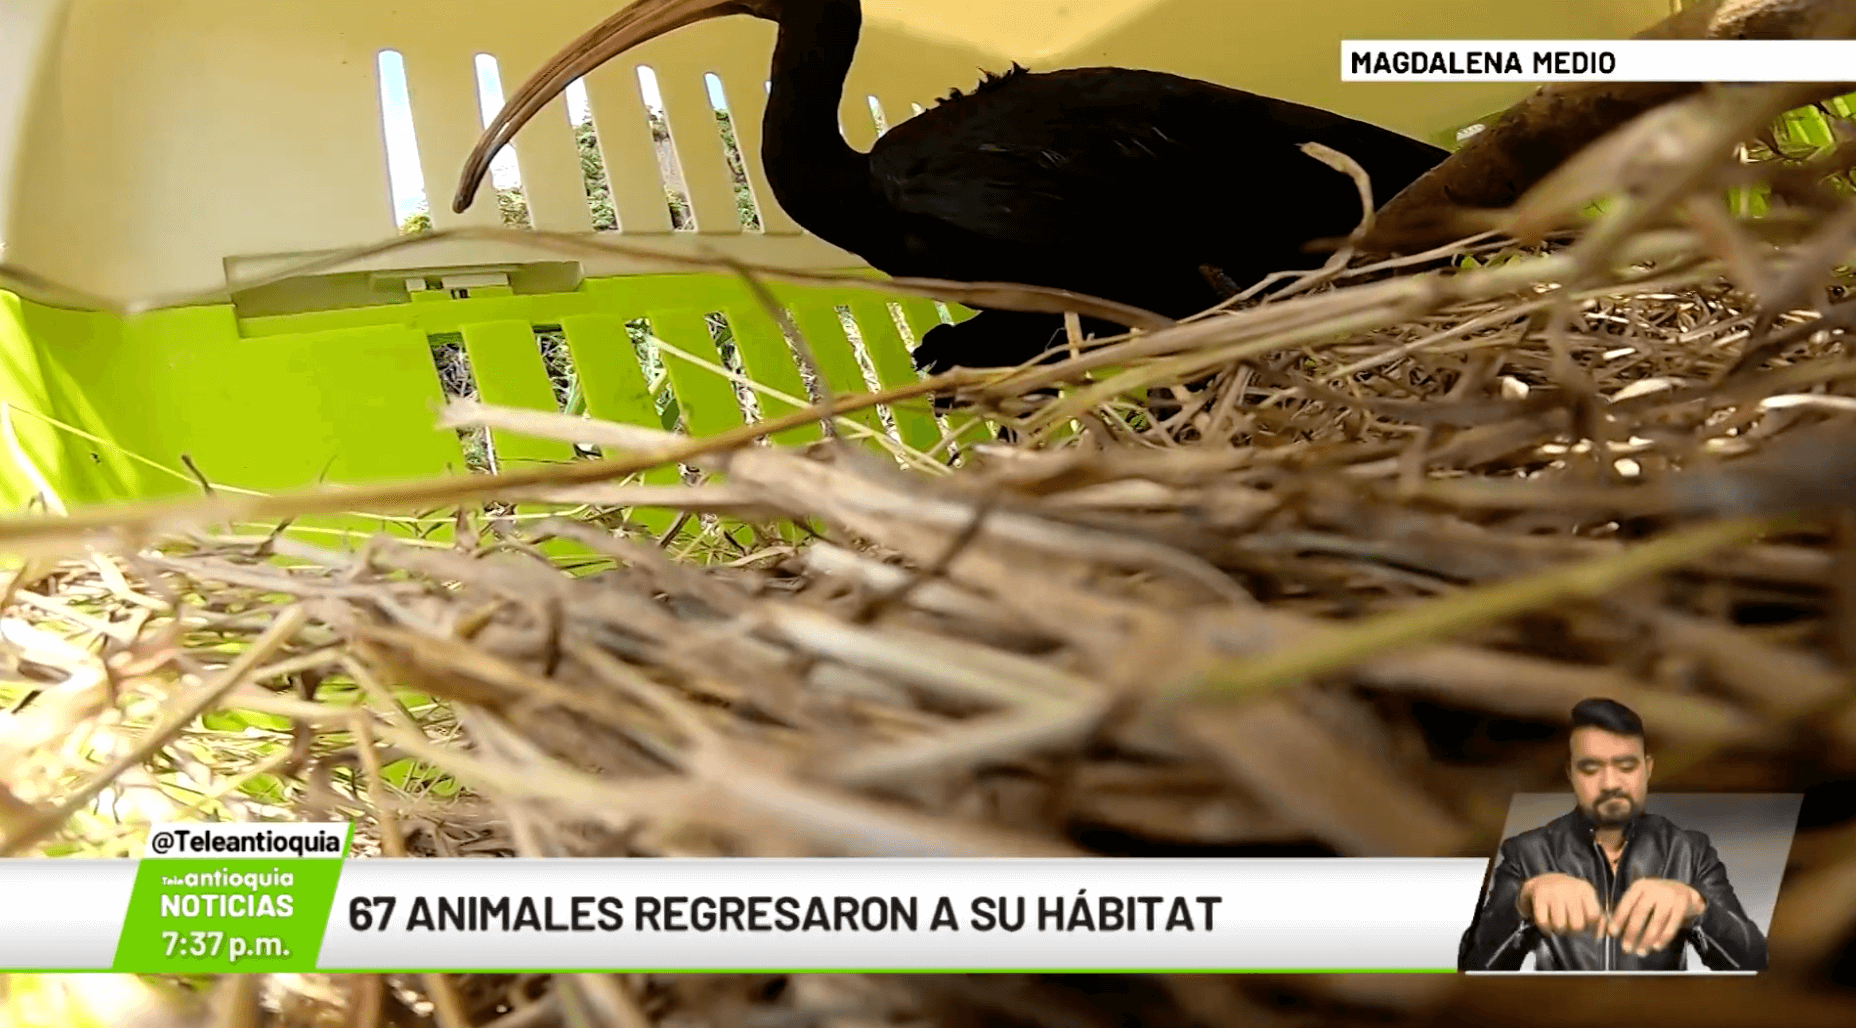 67 animales regresaron a su hábitat